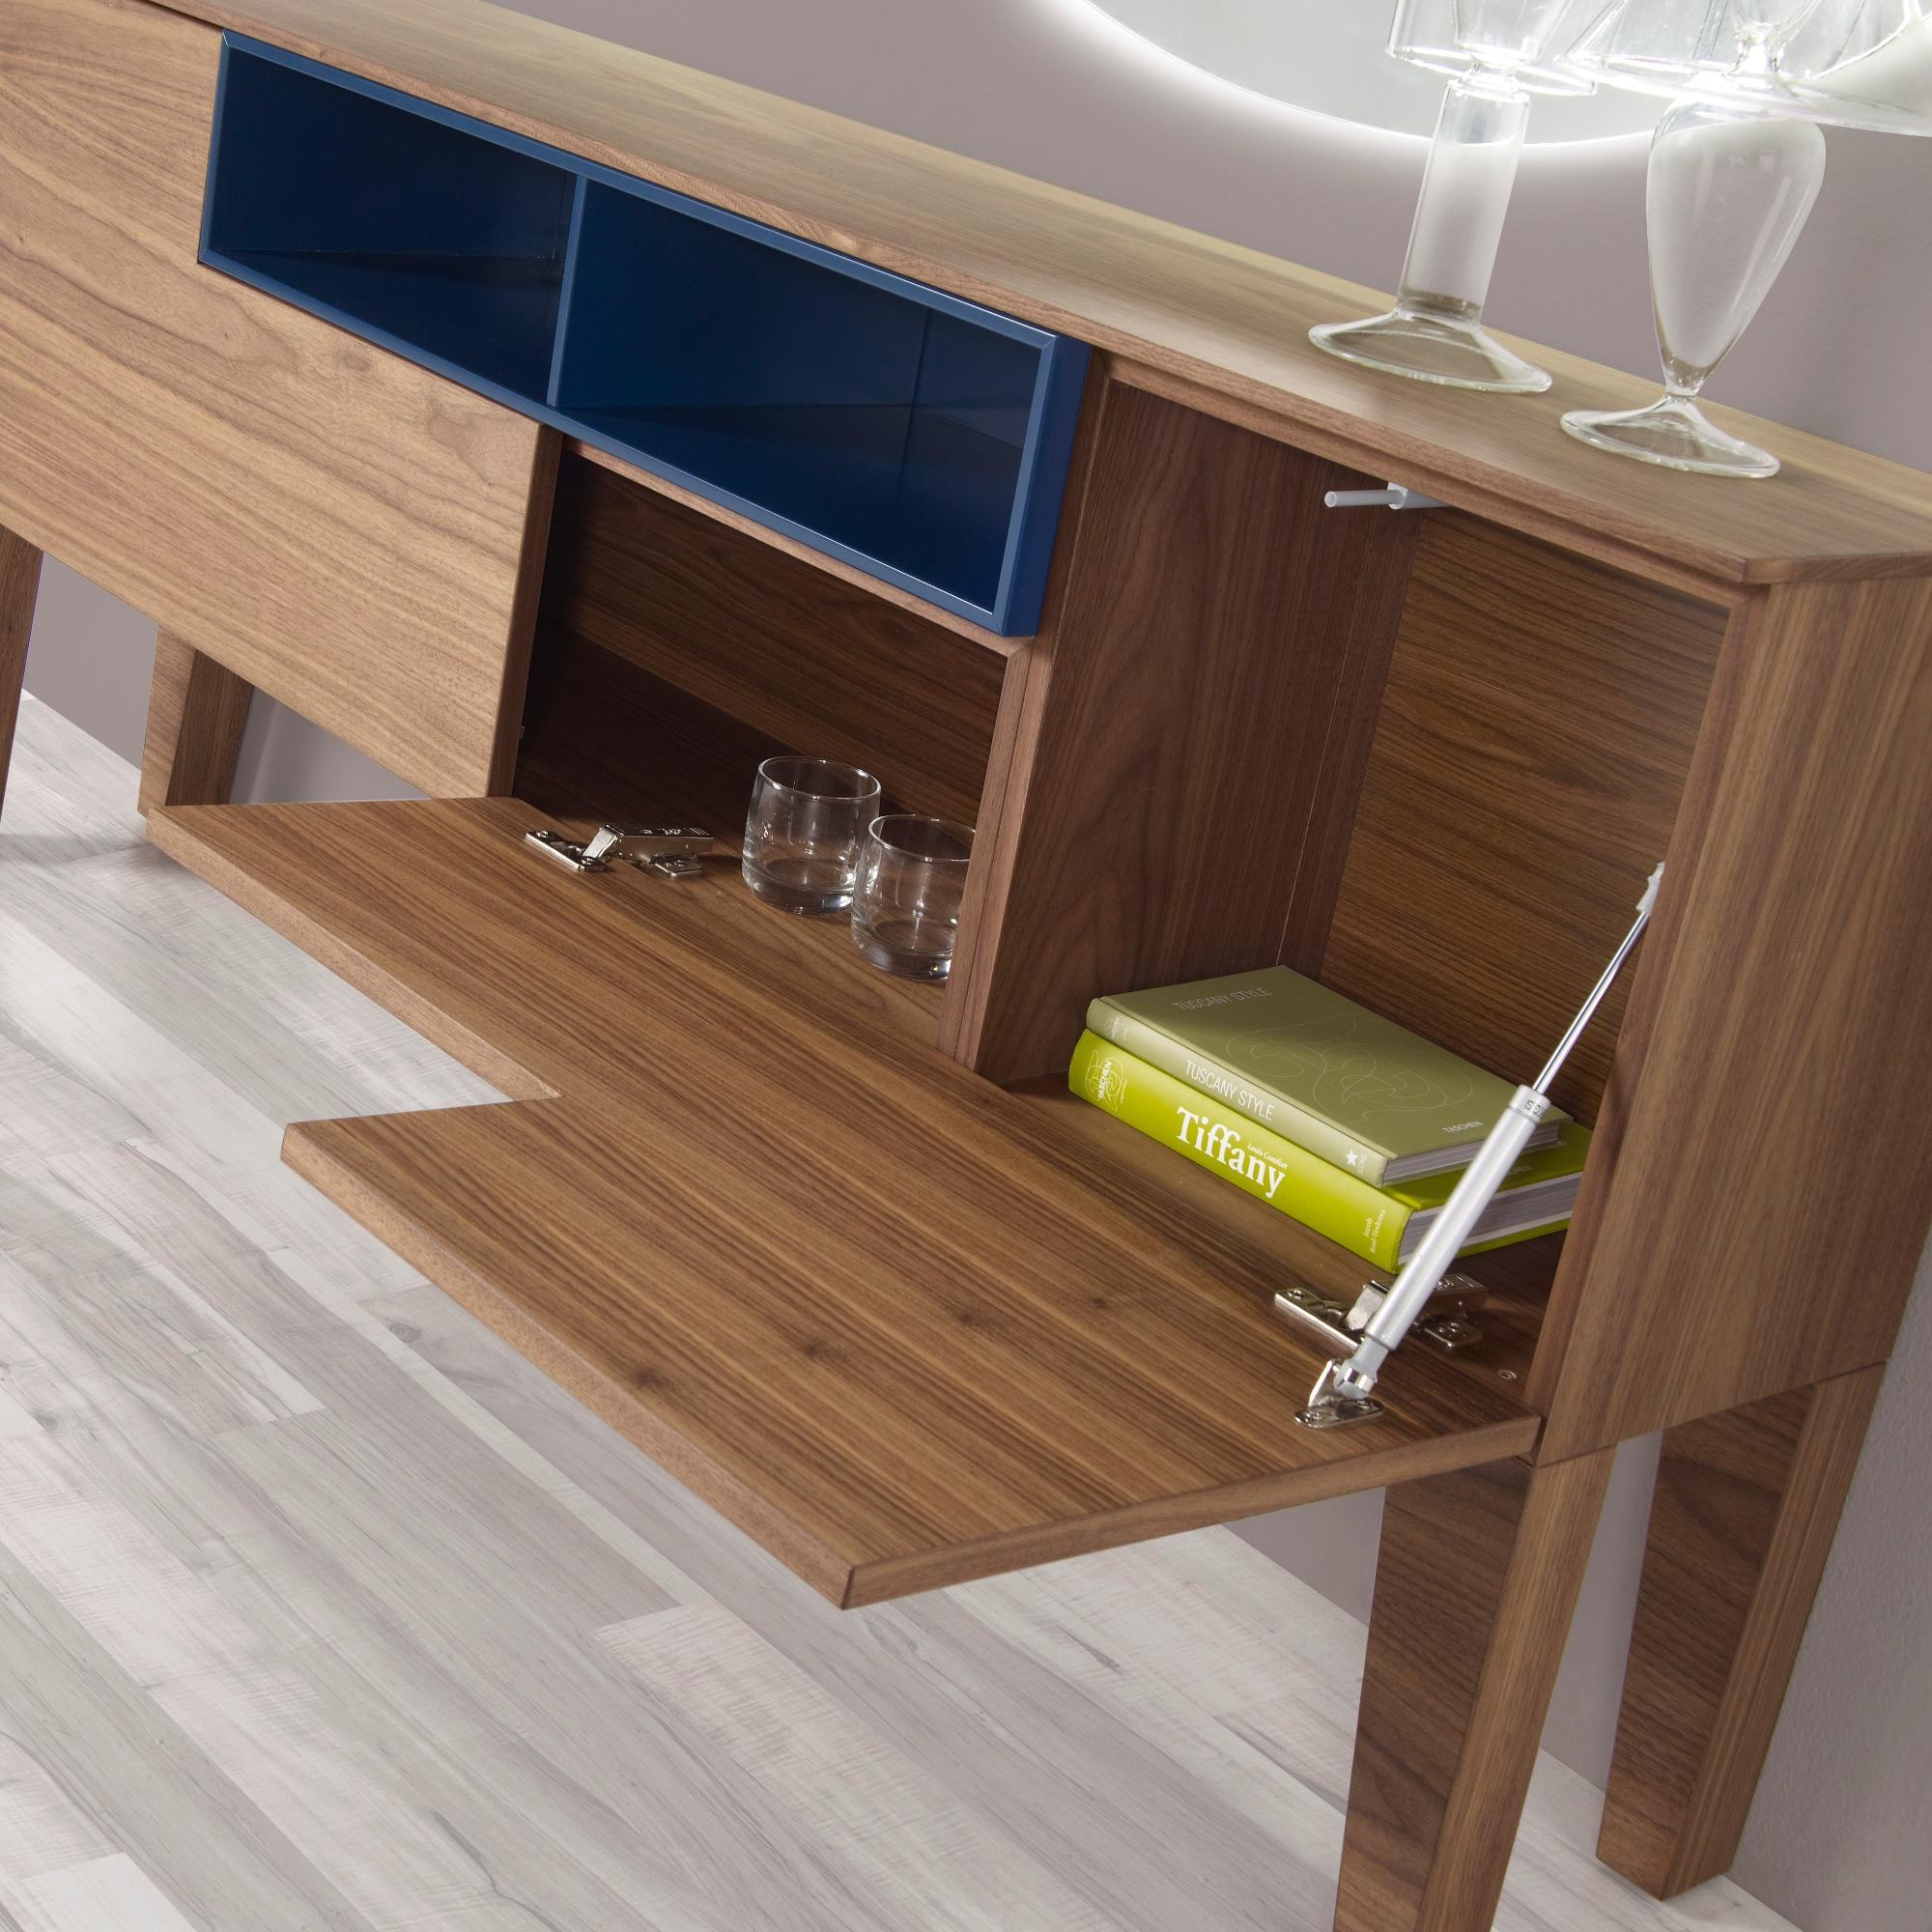 Muebles Ecija : Tiendas de muebles en ecija piso venta campo la